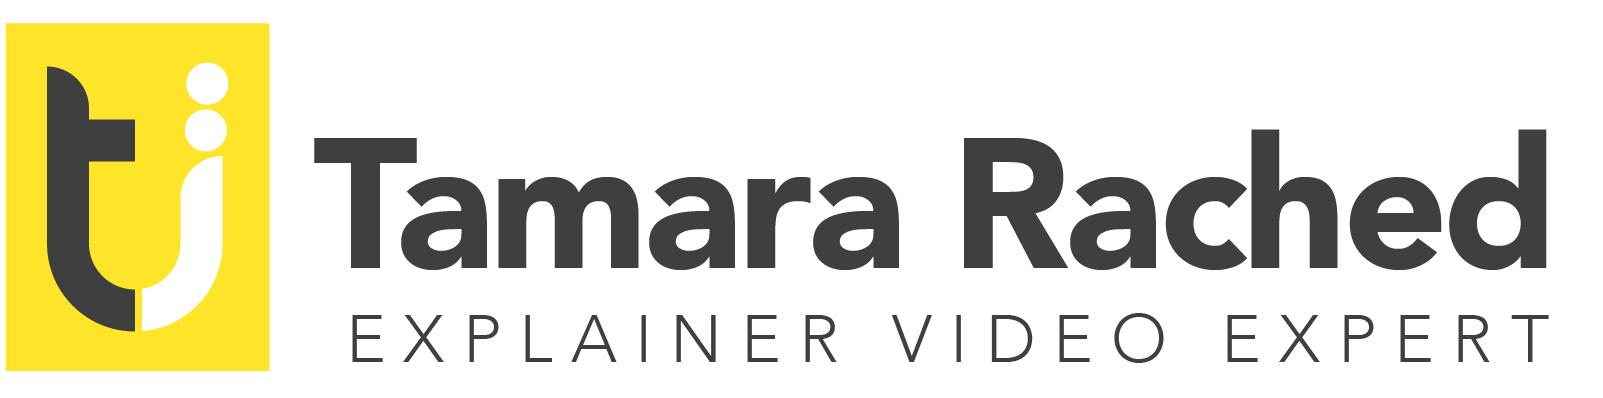 tamara rached